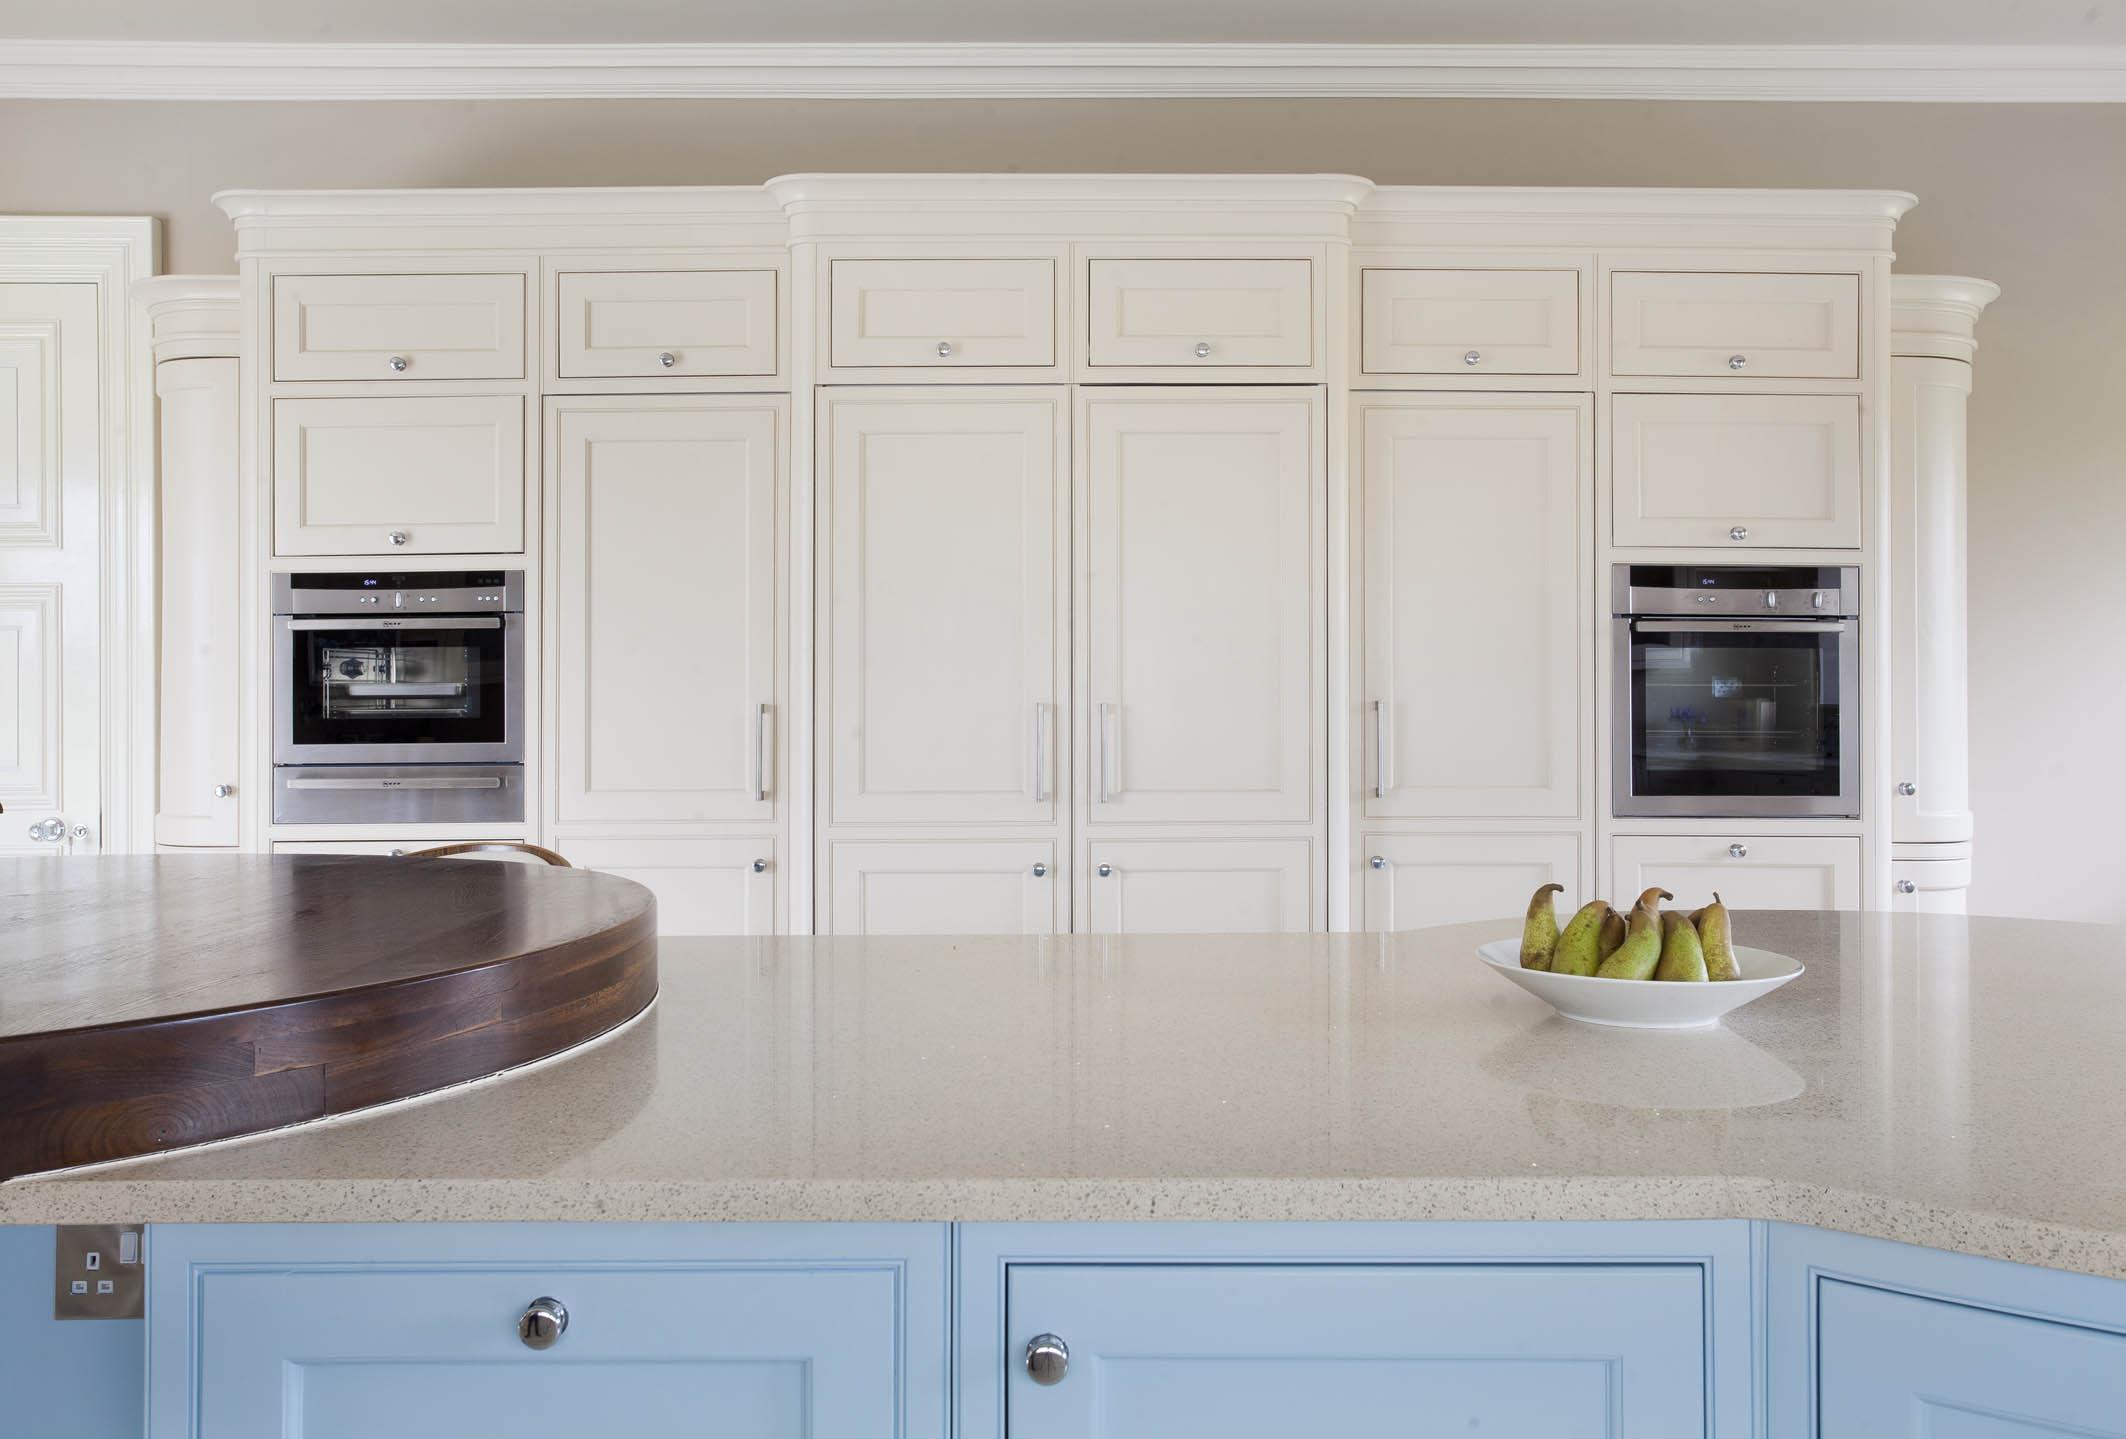 Luxury Handmade Kitchen Handpainted In Blue And Cream